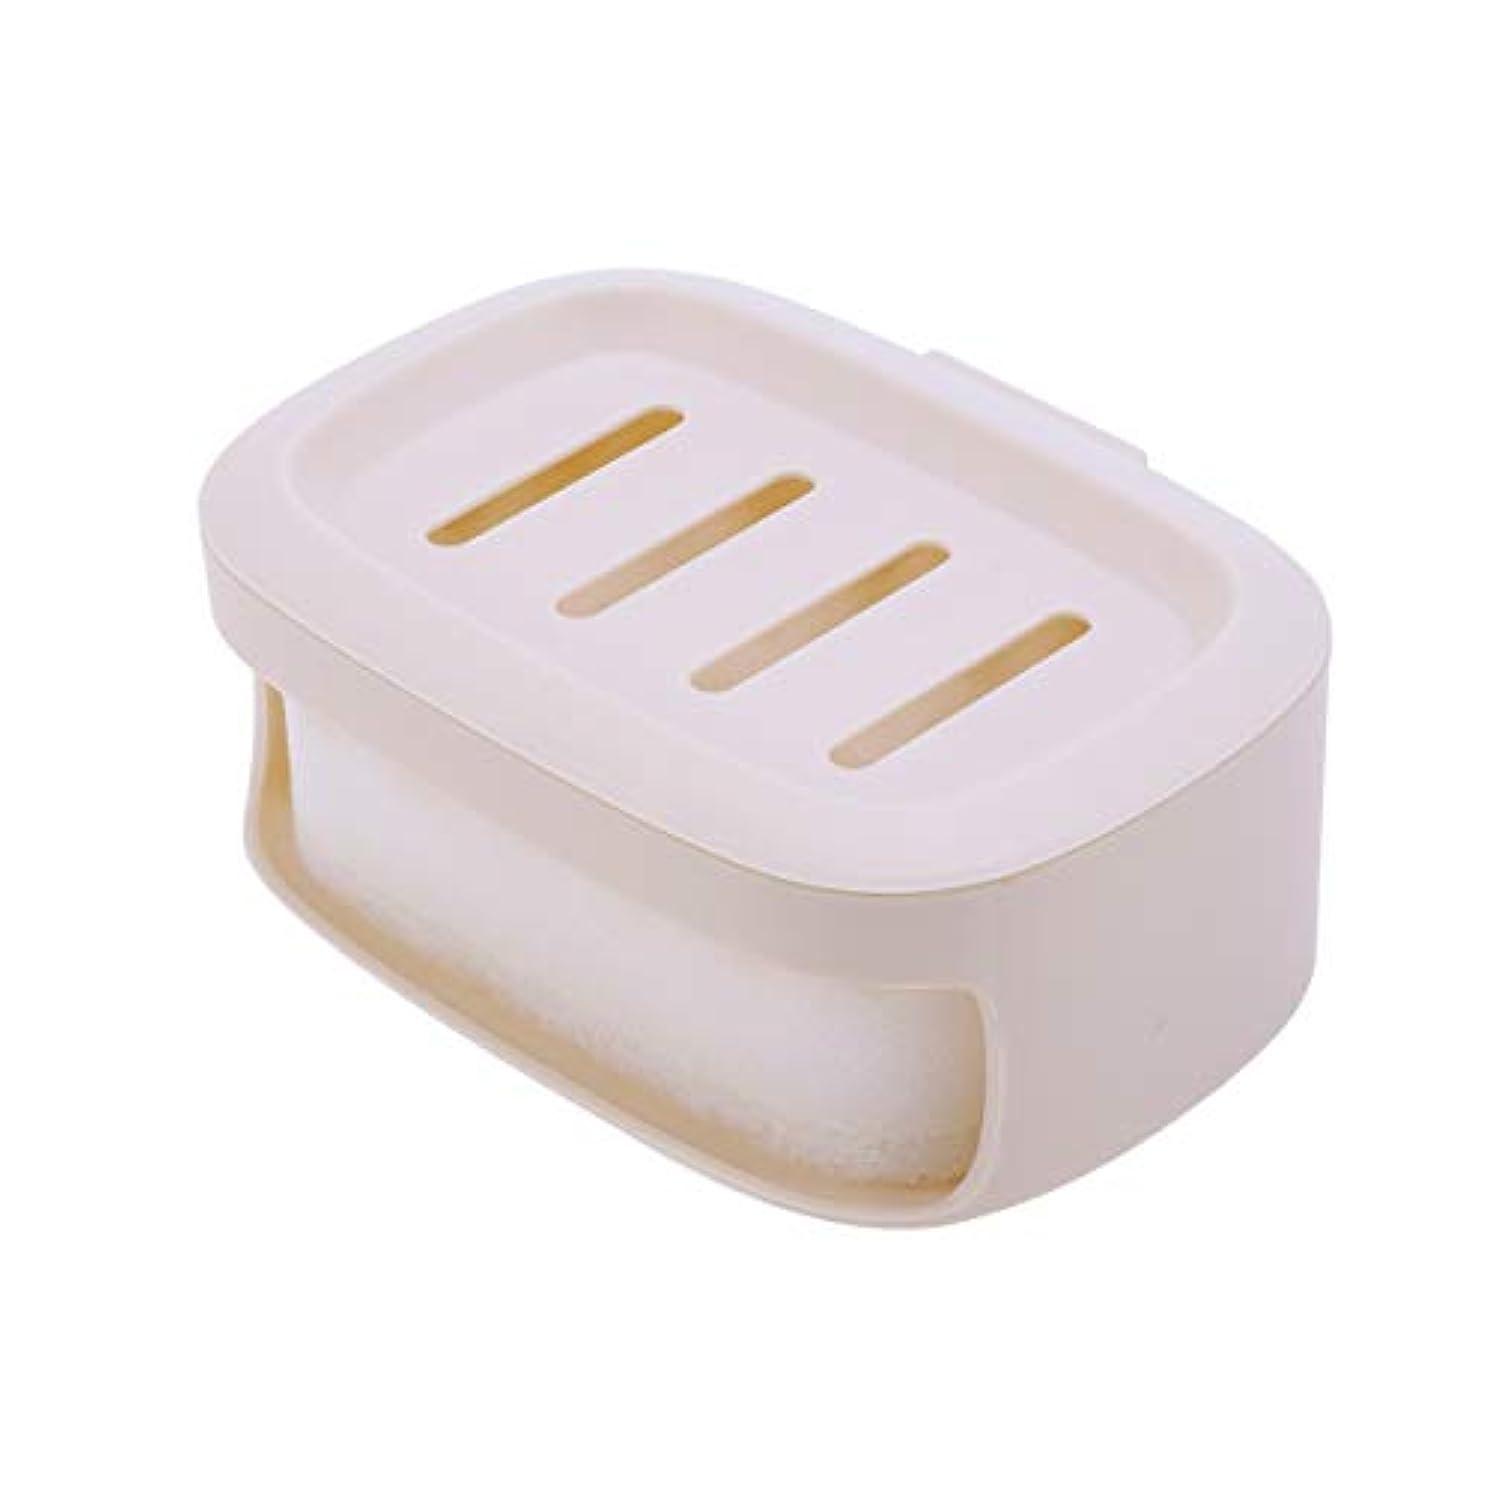 HEALIFTY ソープボックス防水ソープコンテナ浴室ソープ収納ケースソープホルダー(カーキ)